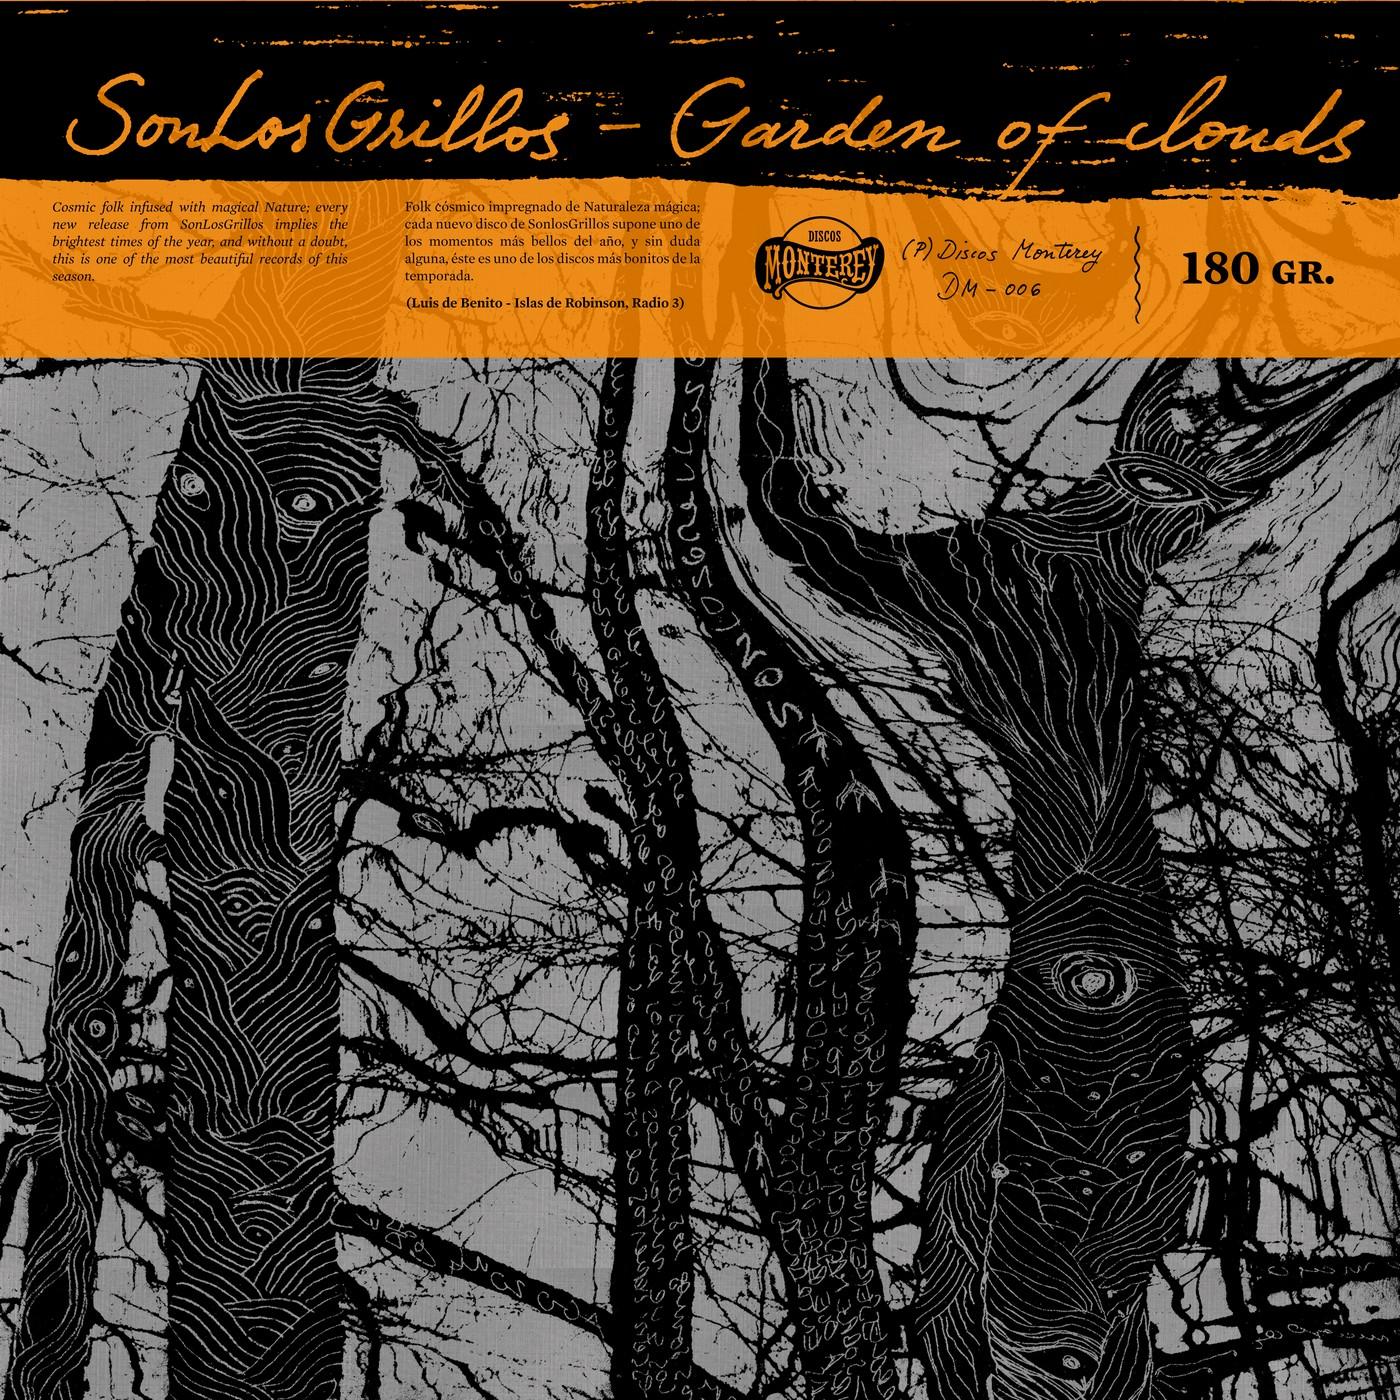 SONLOSGRILLOS - Garden Of Clouds (LP,GF,180g,Obi Discos Monterey 2018)